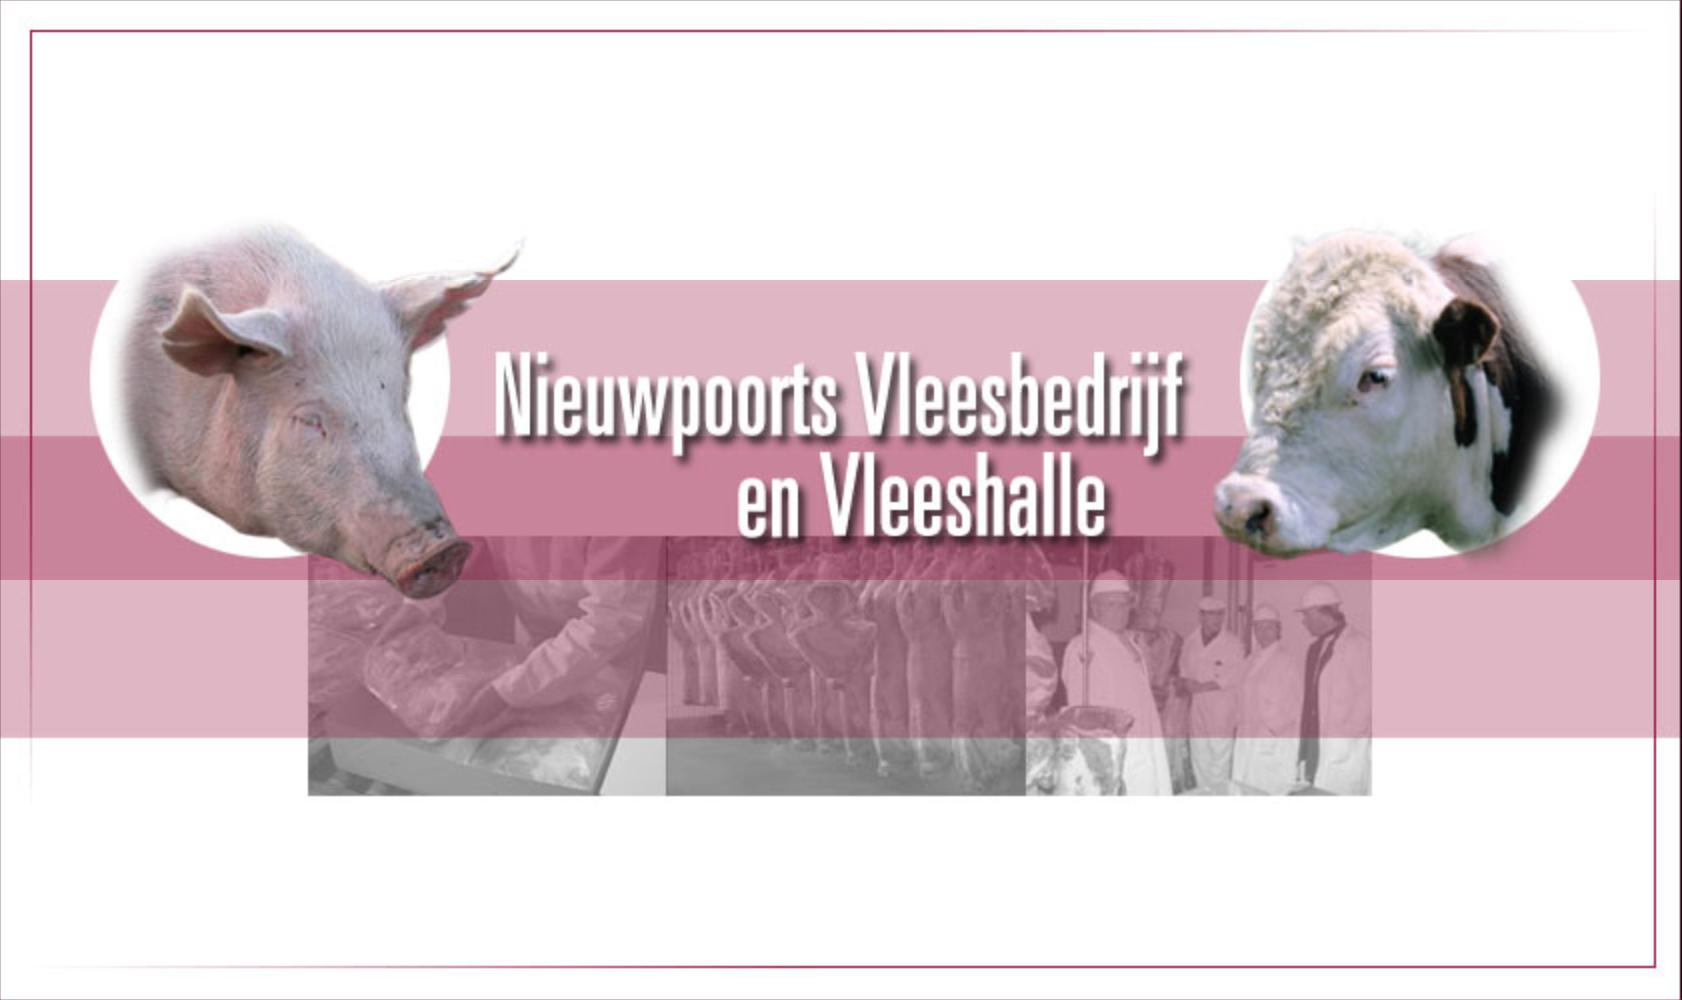 Nieuwpoorts Vleesbedrijf